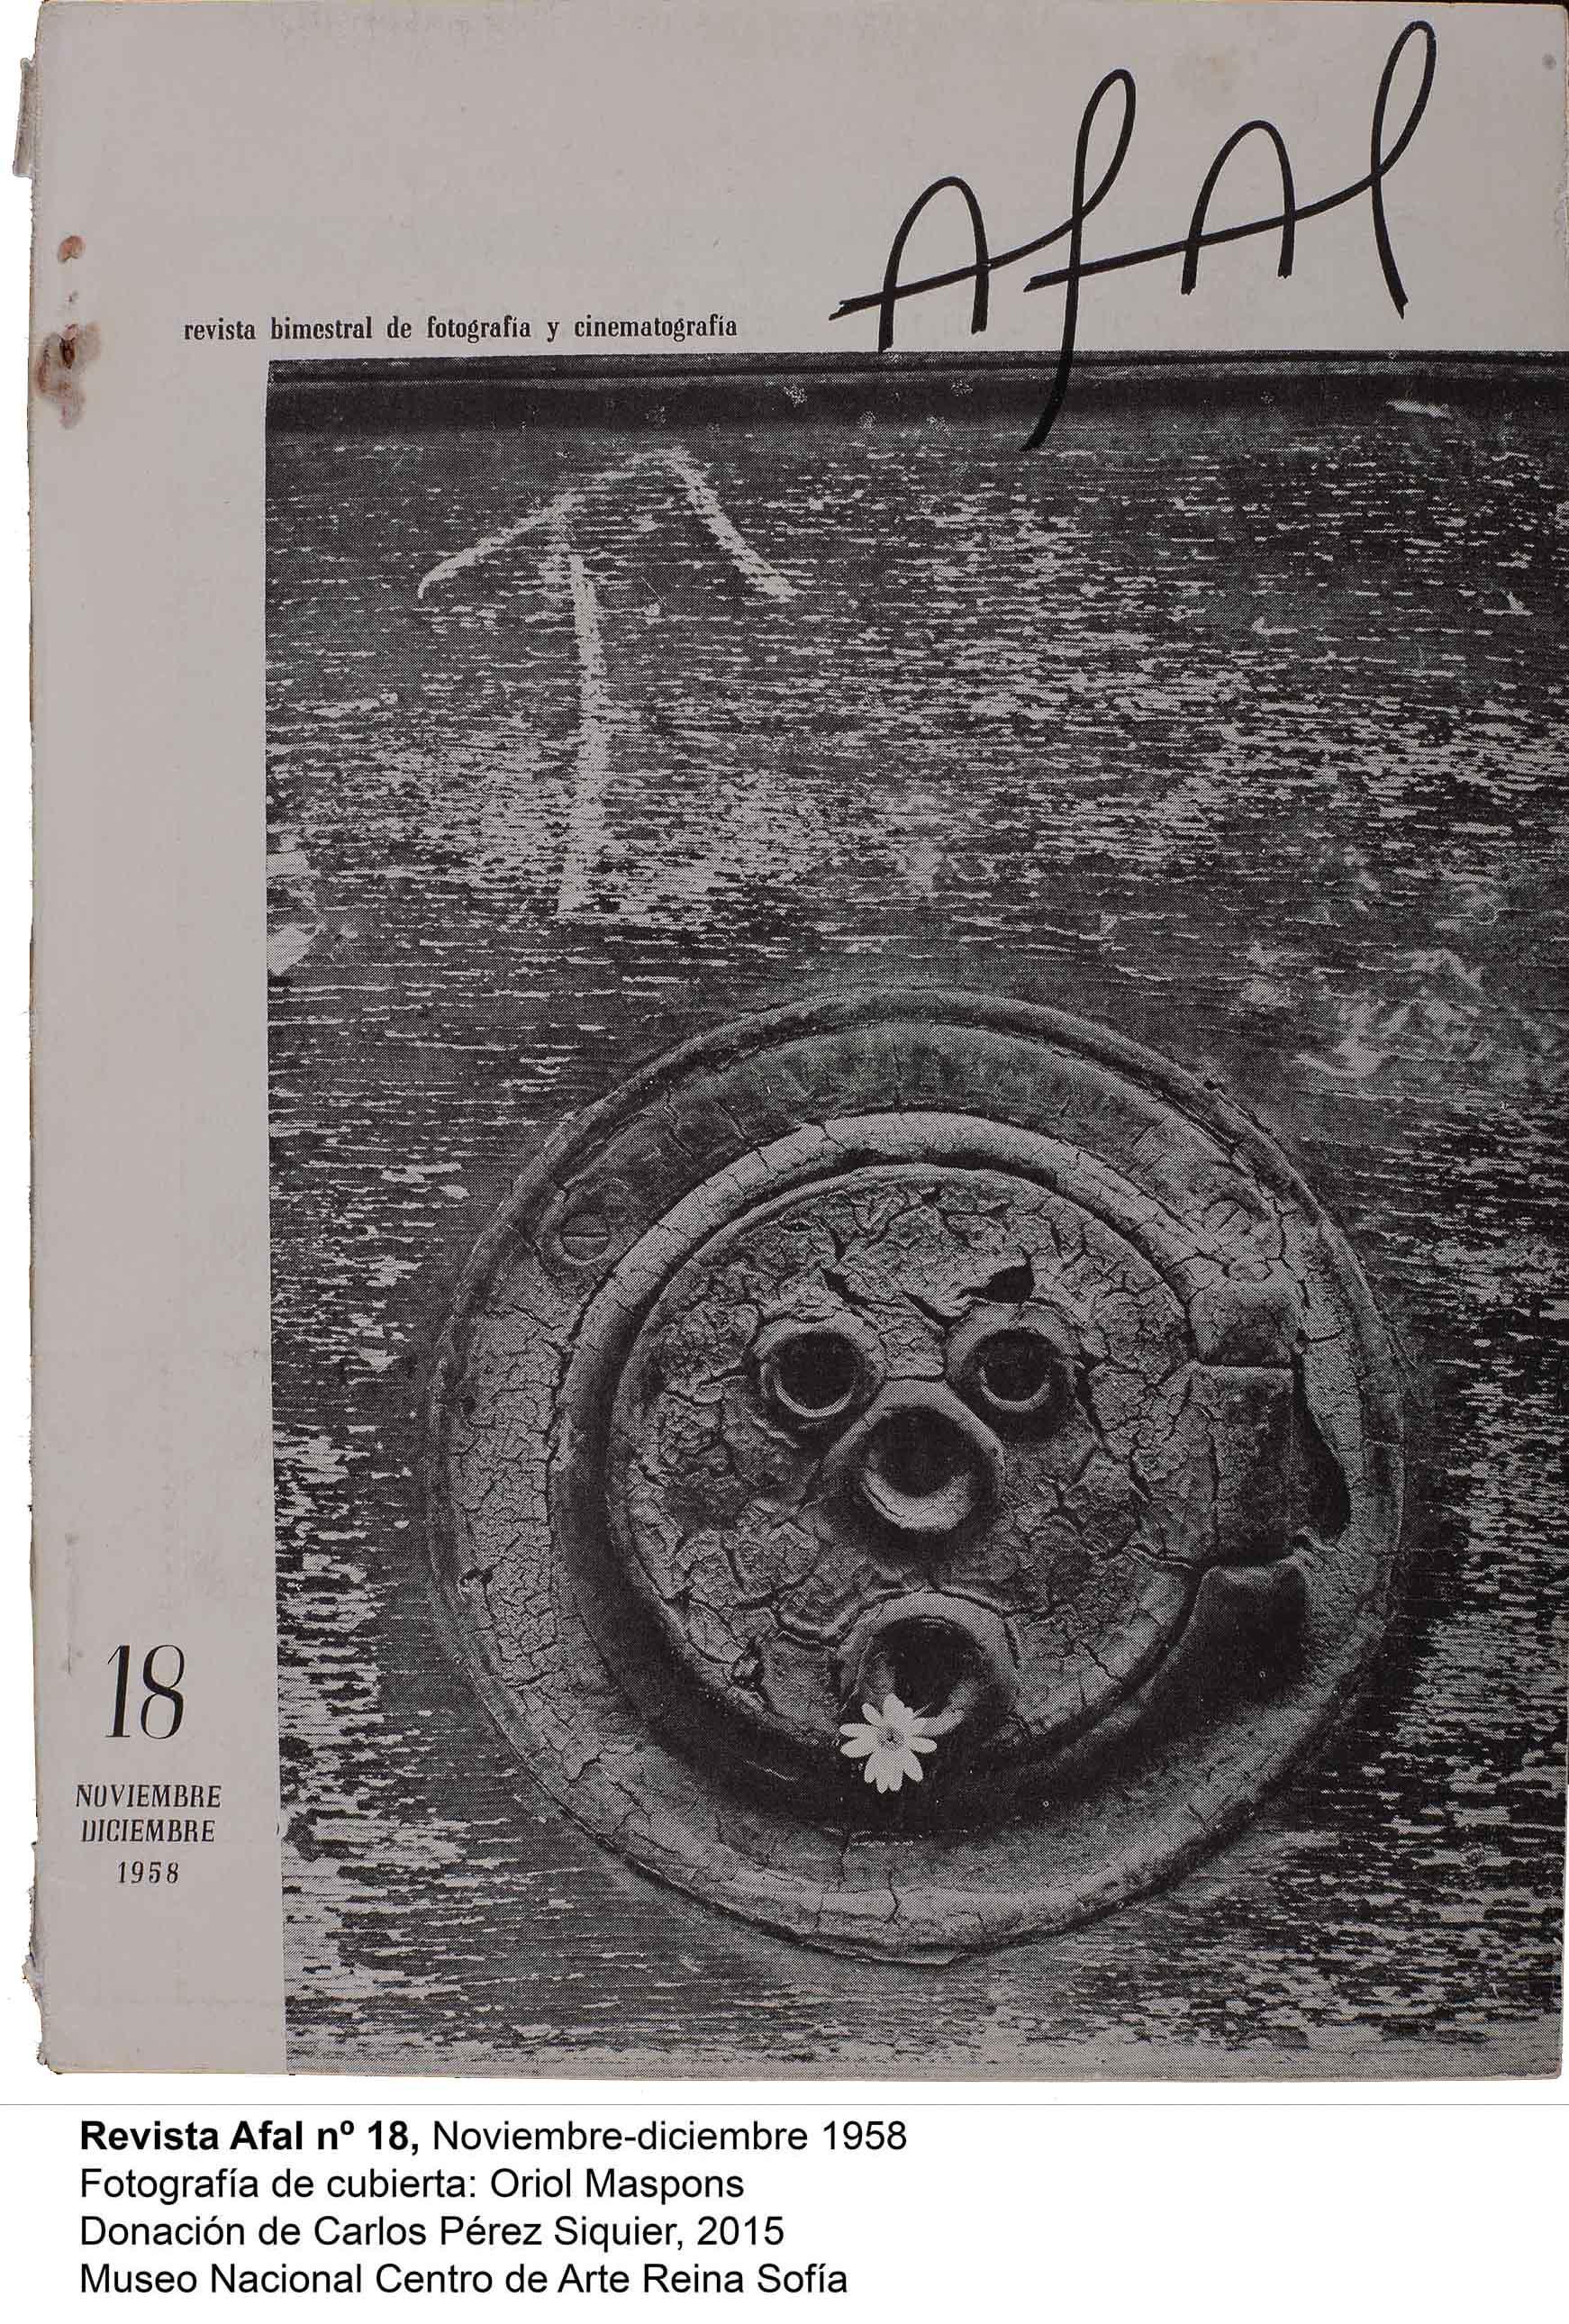 Revista Afal